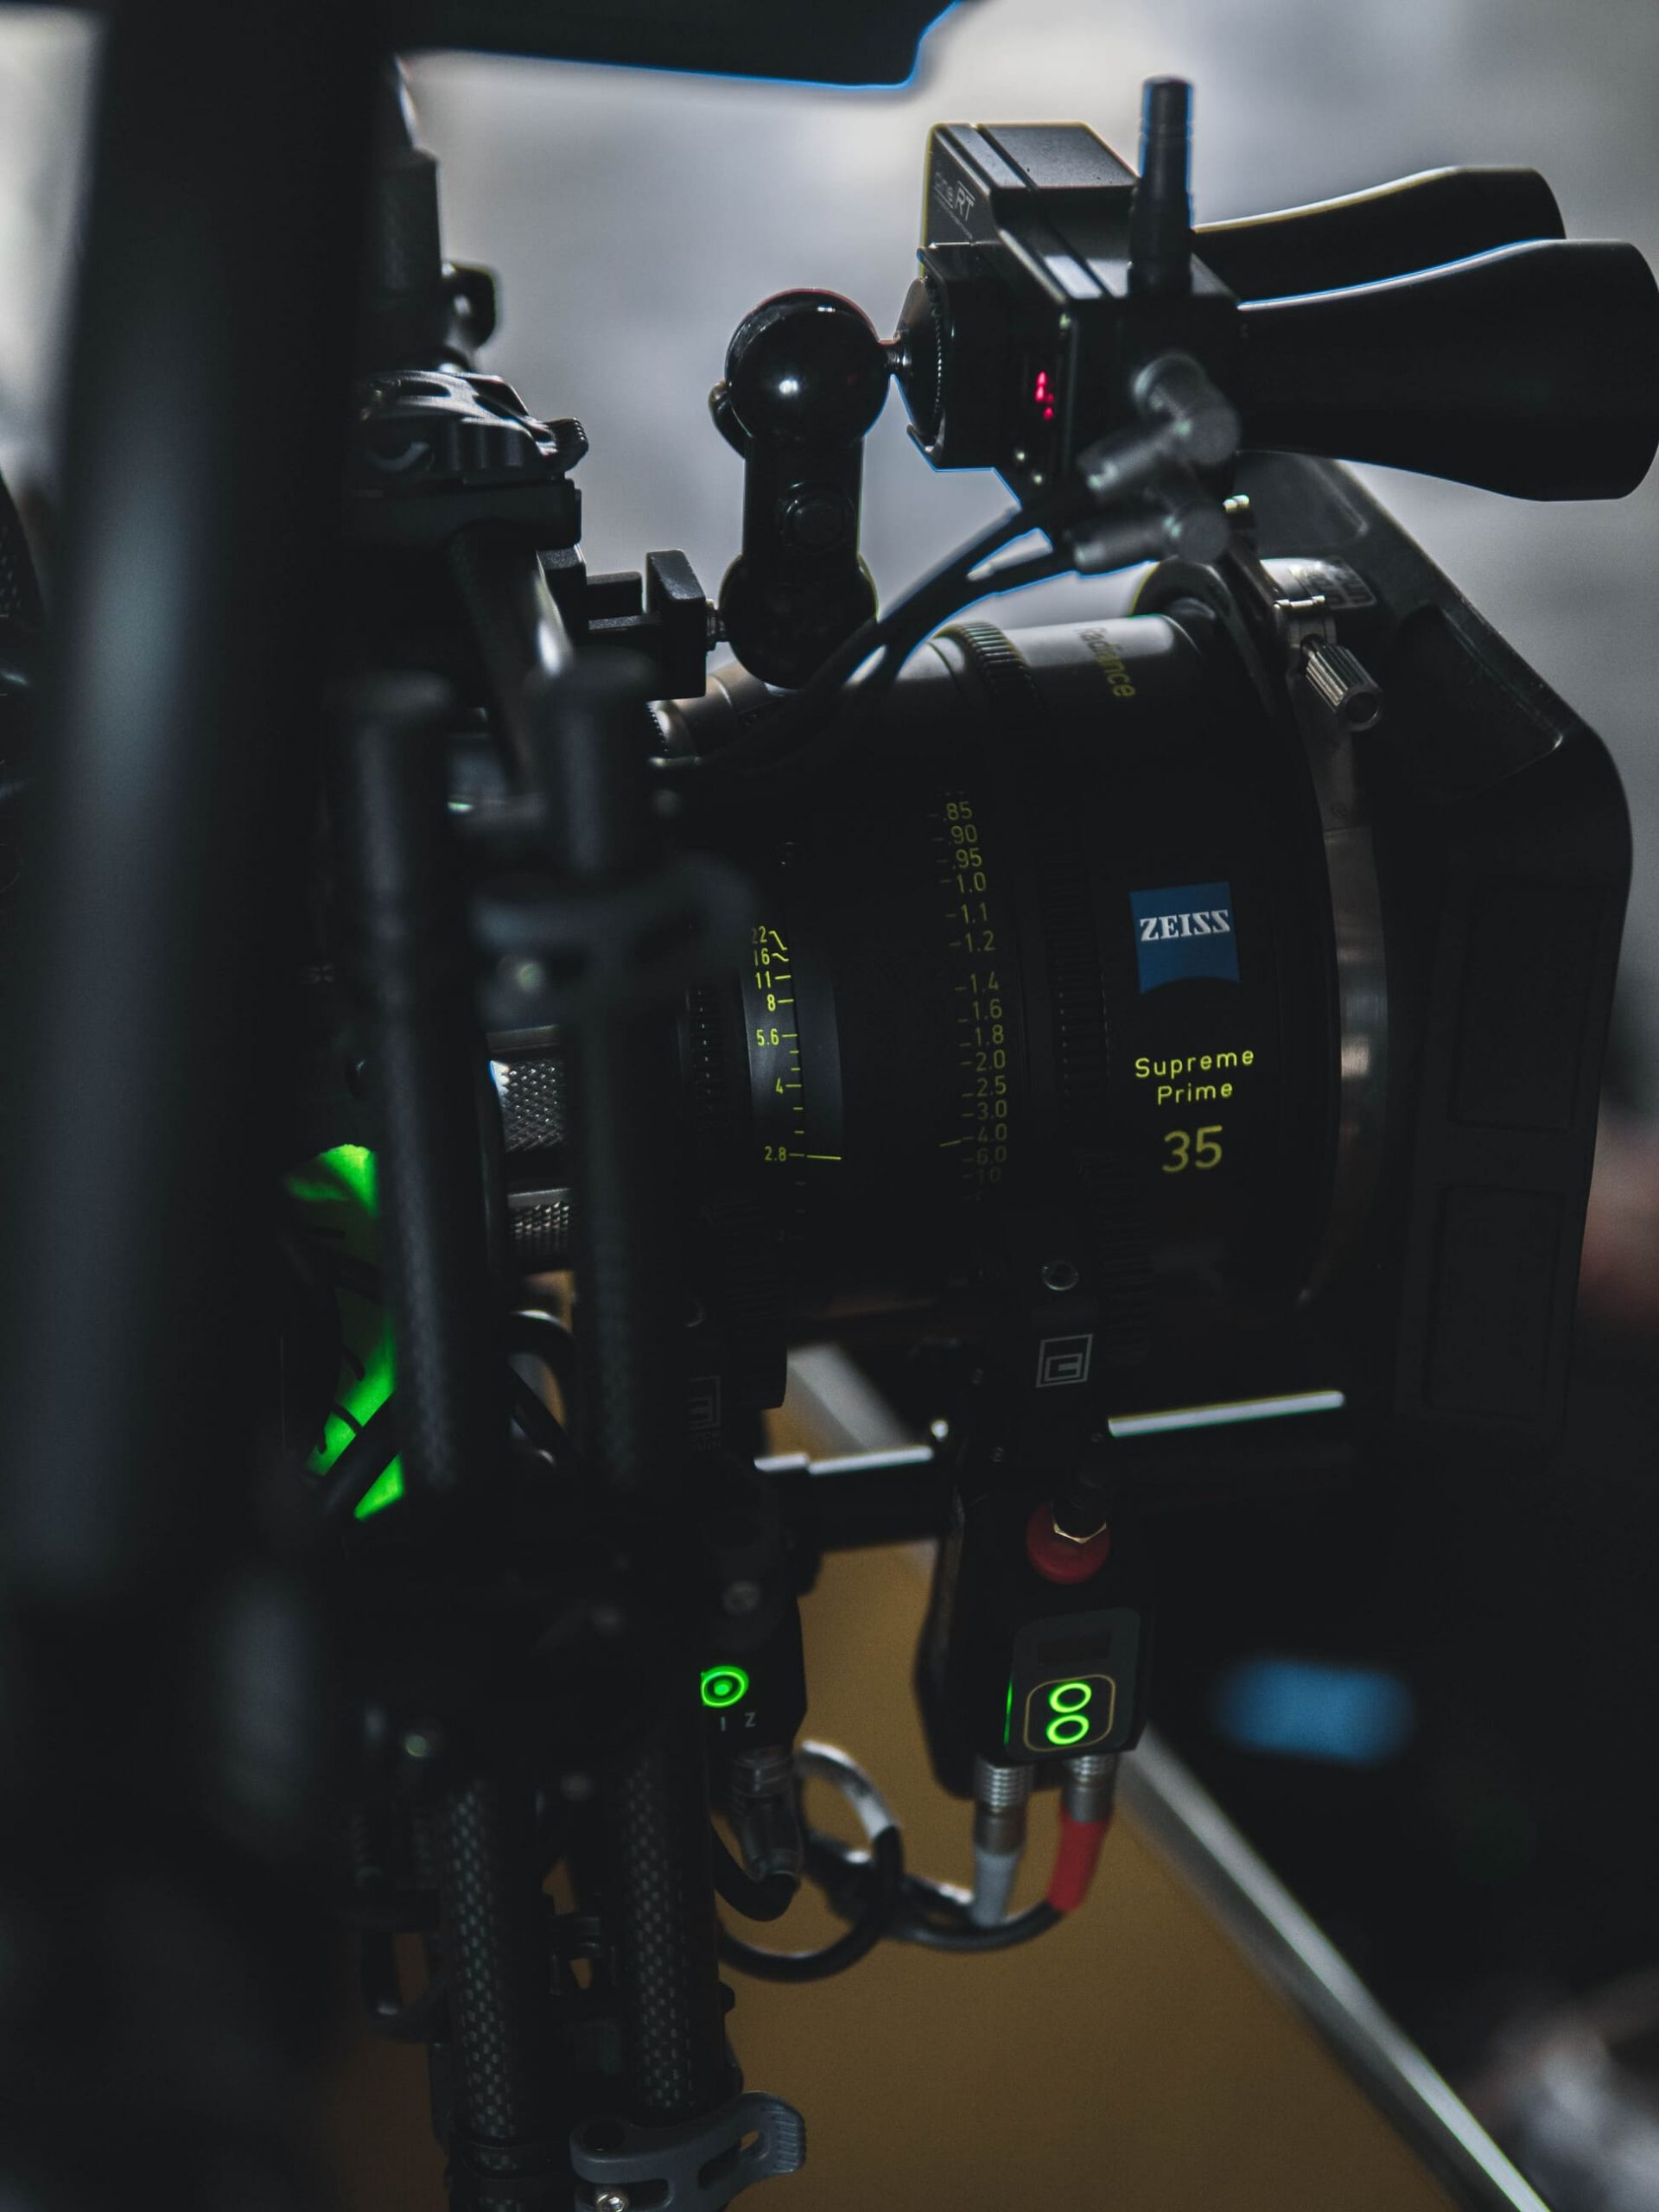 Porsche Werbefilm Filmproduktion in Stuttgart Zeiss Supreme Prime Radiance und Cinebug